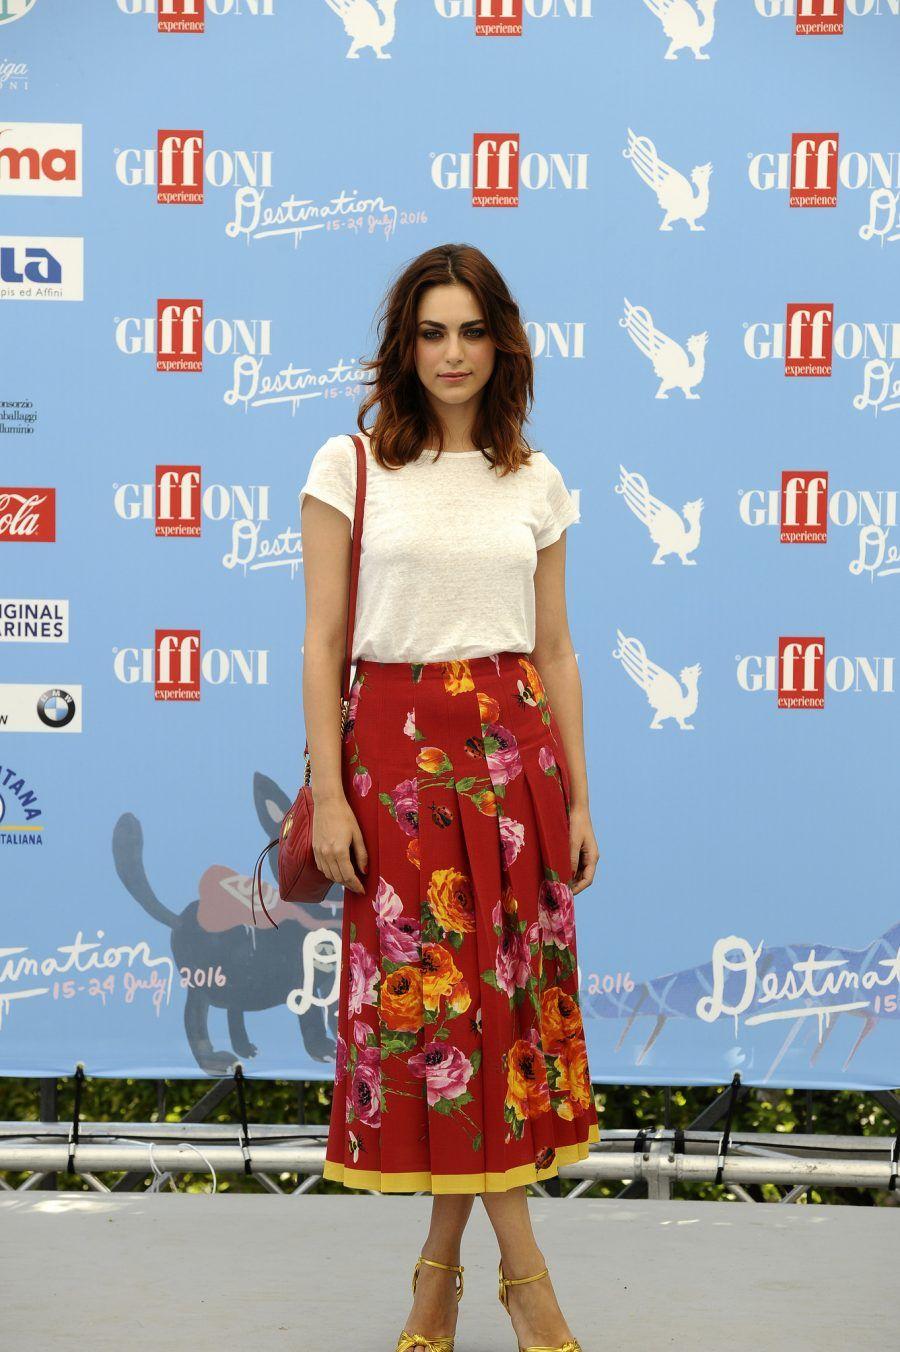 Miriam Leone ospite al Giffoni Film Festival 2016